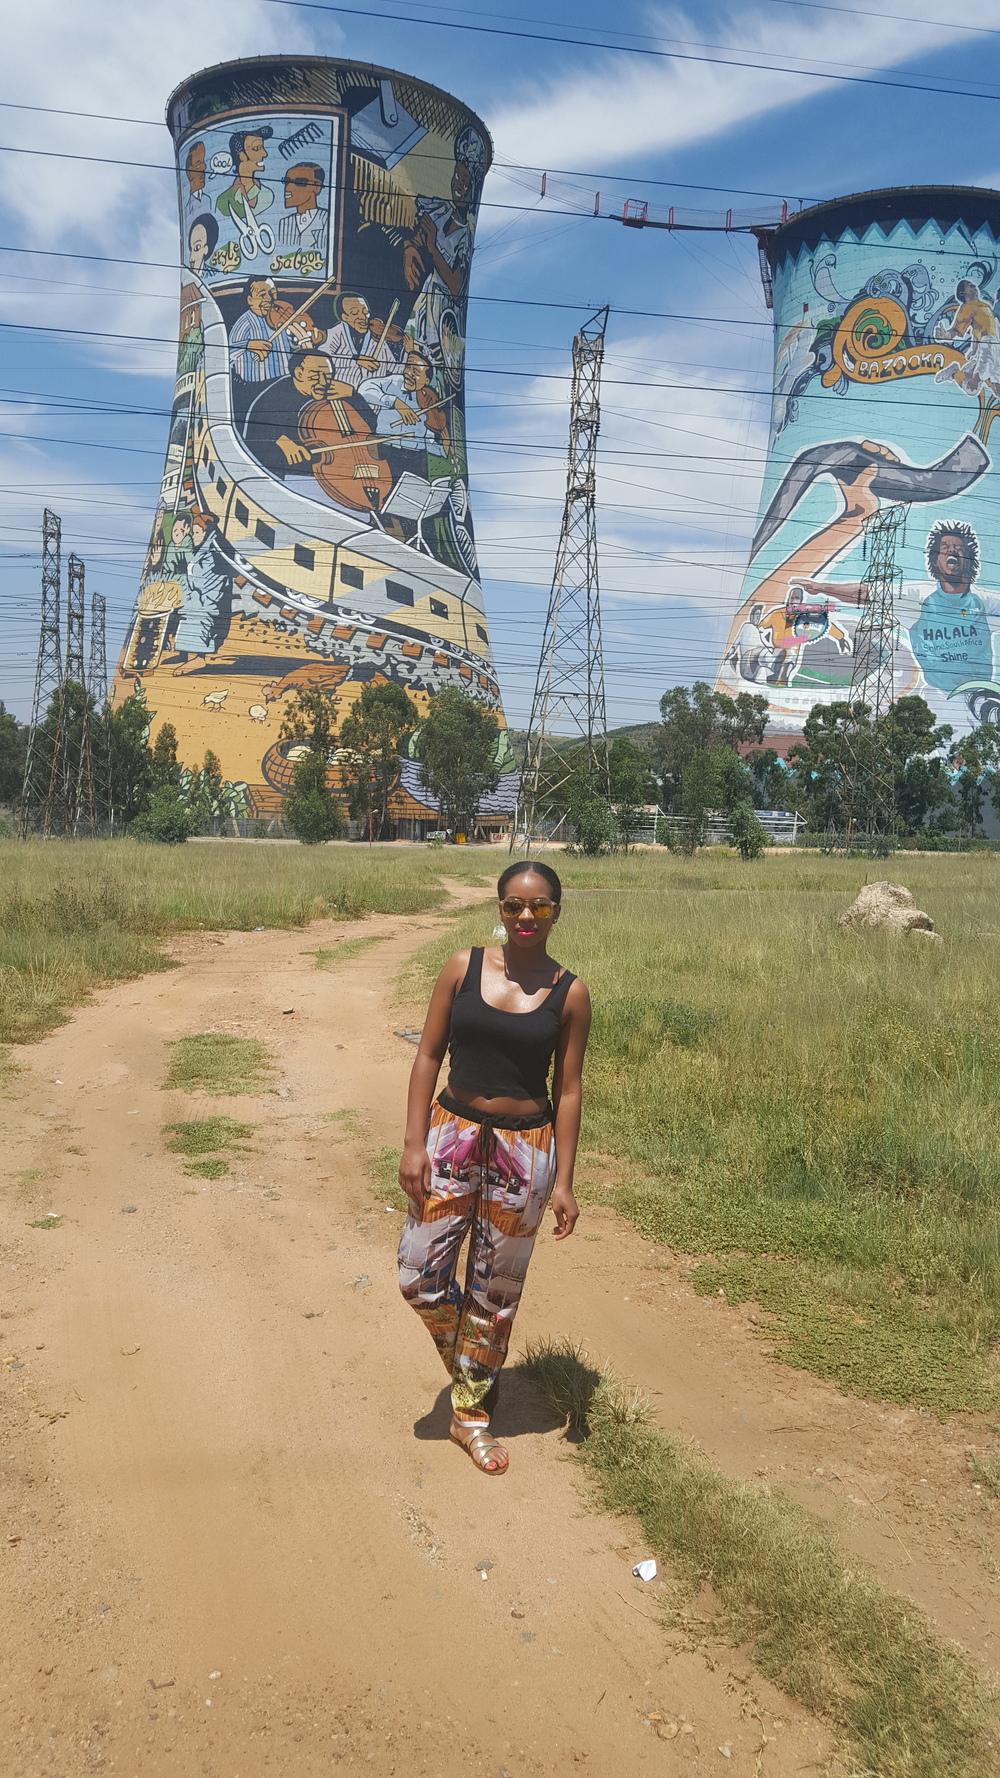 In Soweto, Johannesburg